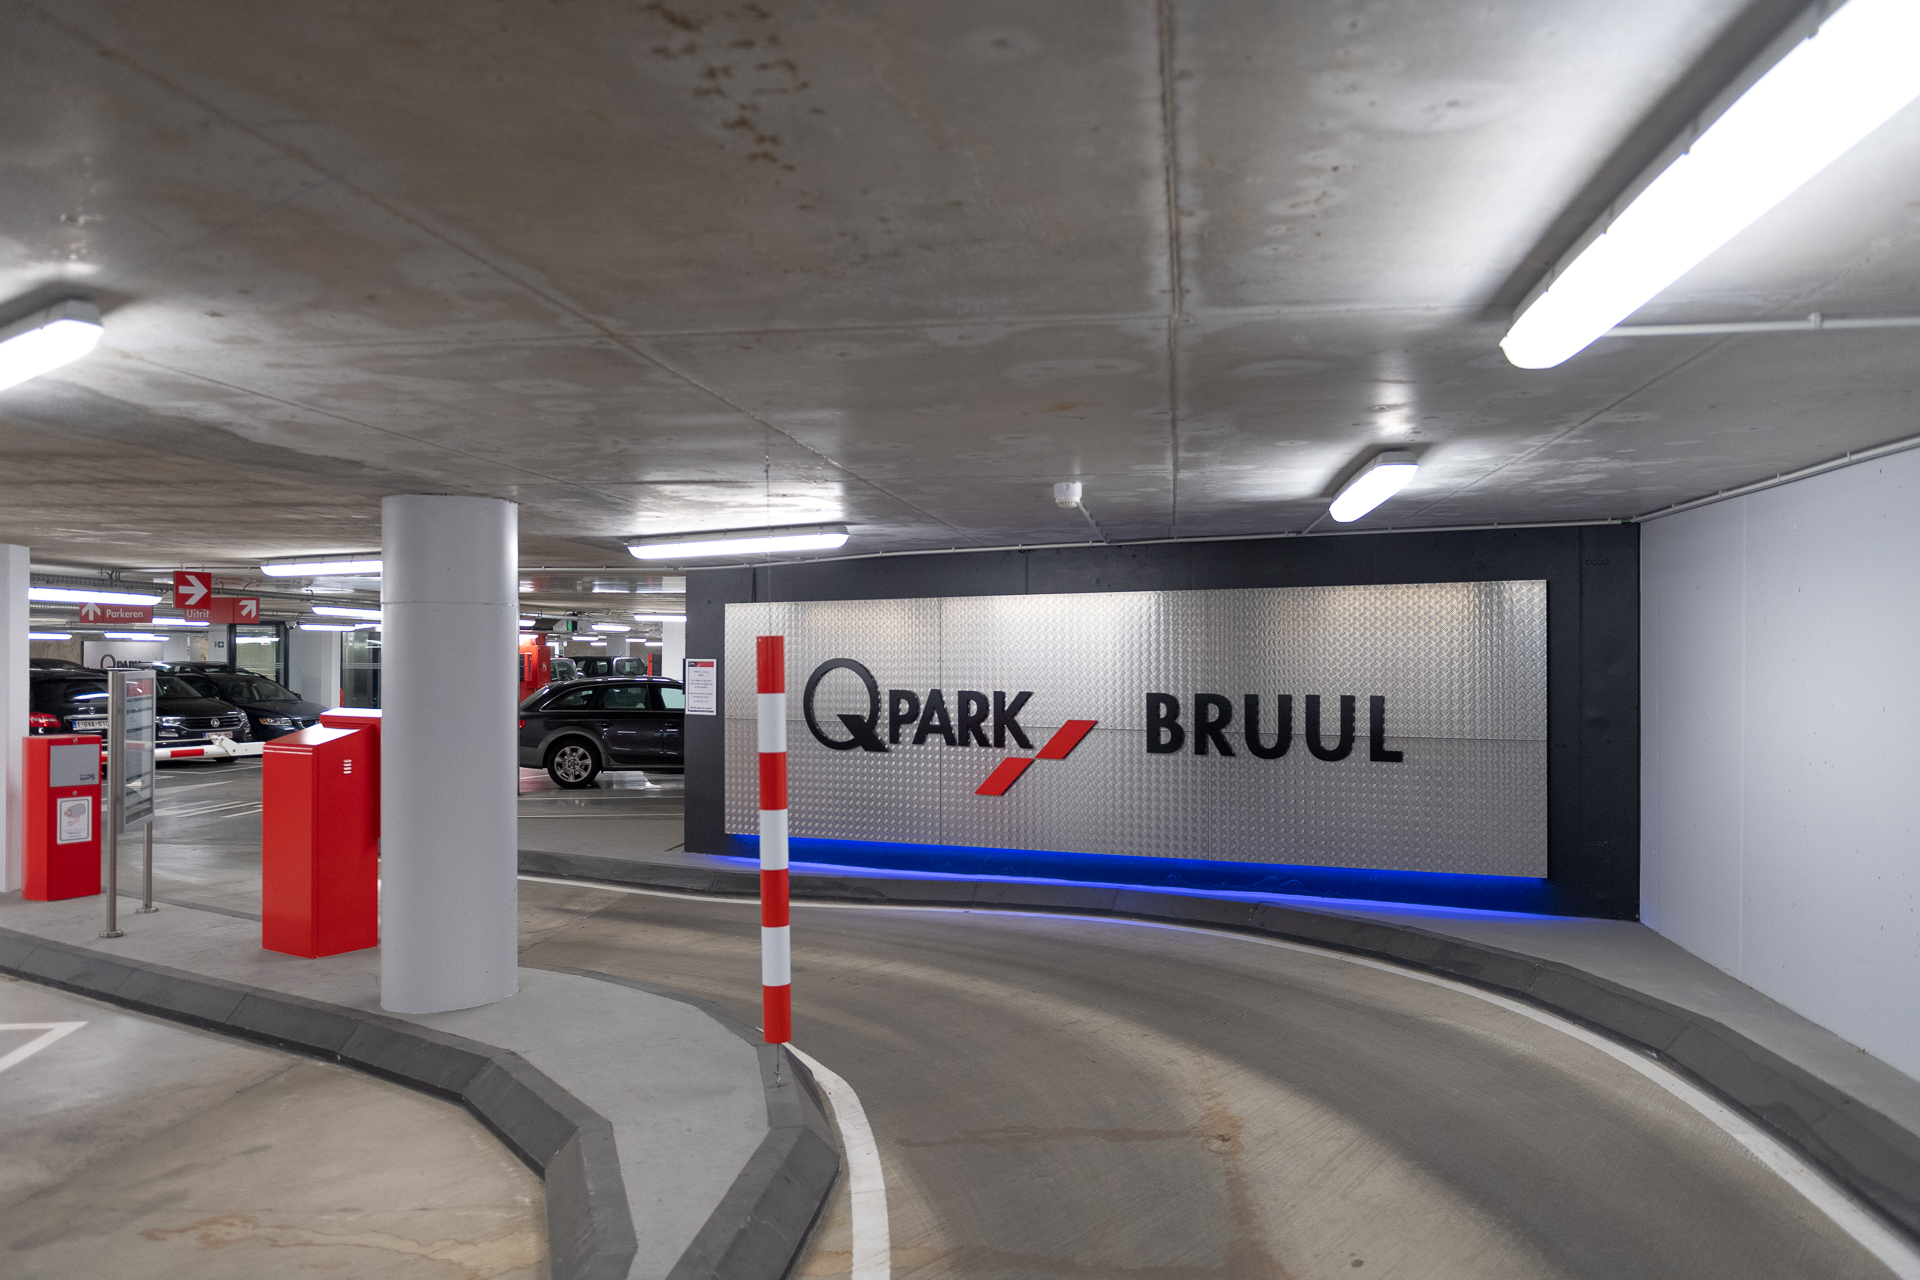 Evip onderhoudt elektrische installaties van Q-Park parkings